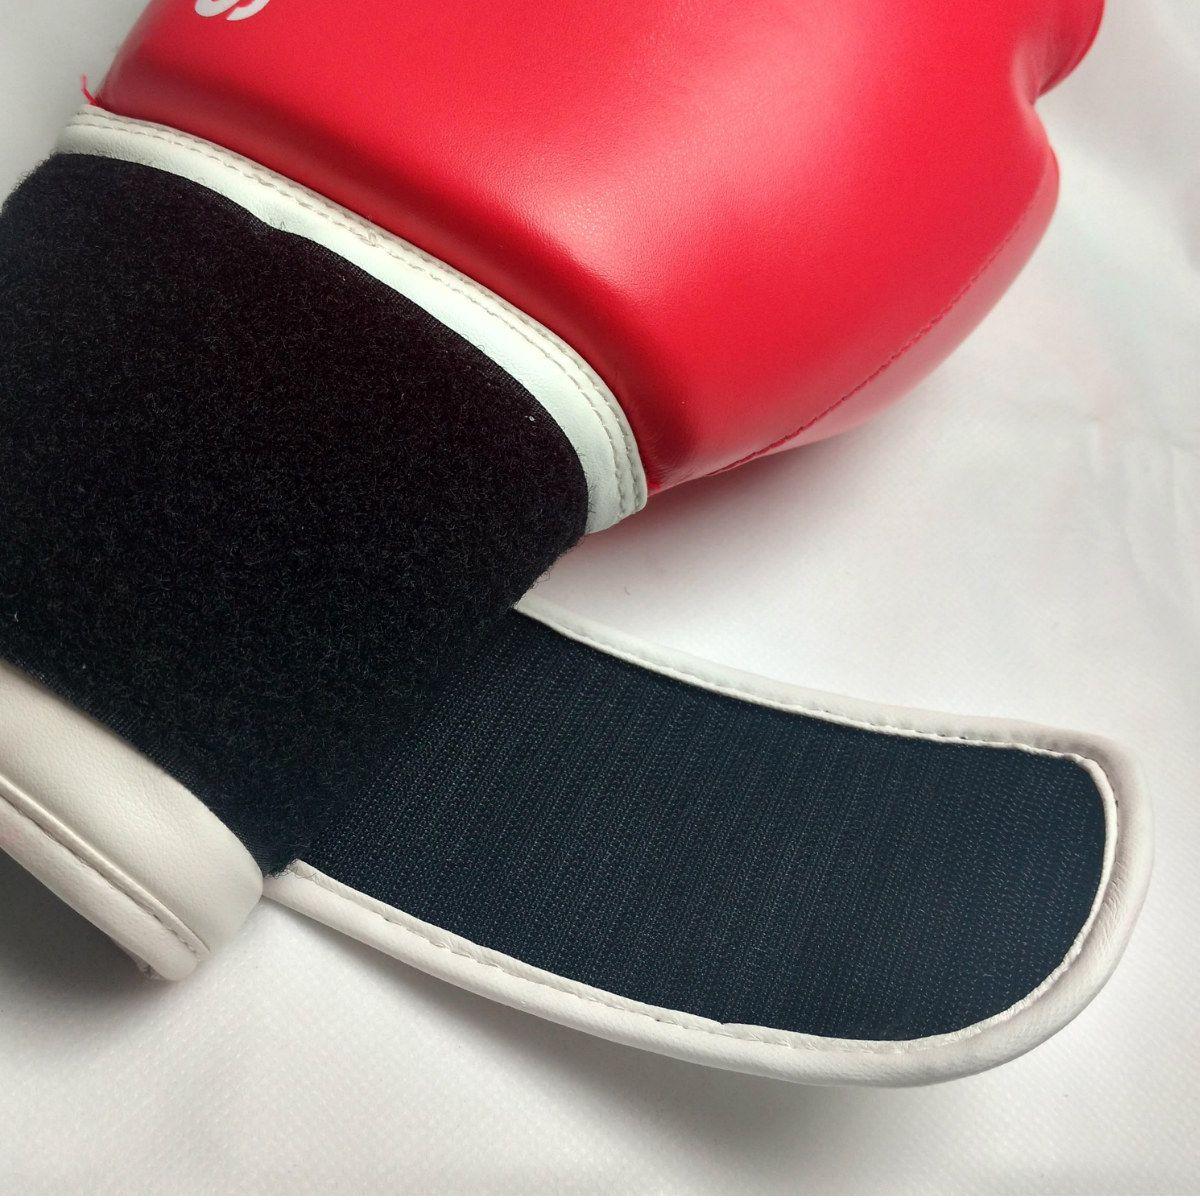 Luva de Boxe Adidas Hybrid 100 Salmão/Branco